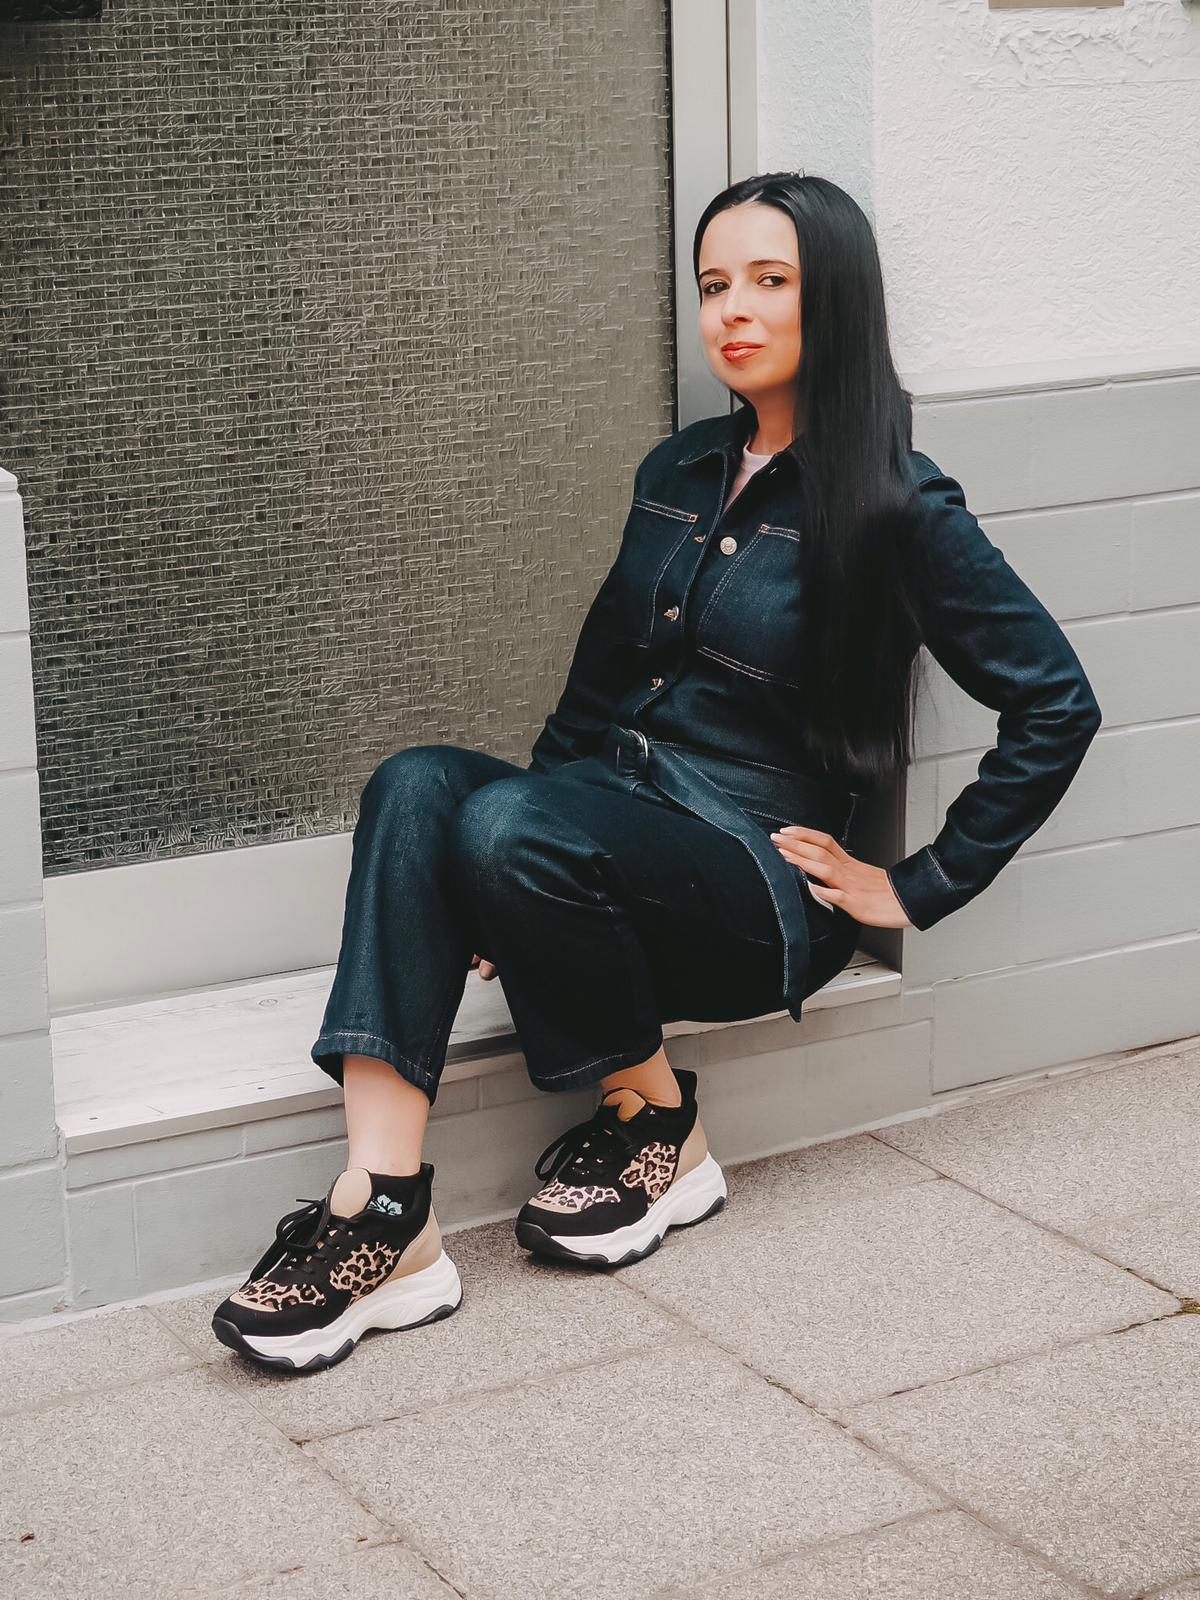 Seit der Gründung im Jahre 2015 in Schweden begeistert NA-KD die internationale Modewelt: Heute zeige ich drei NA-KD Looks auf dem Fashion Blog mit Video.